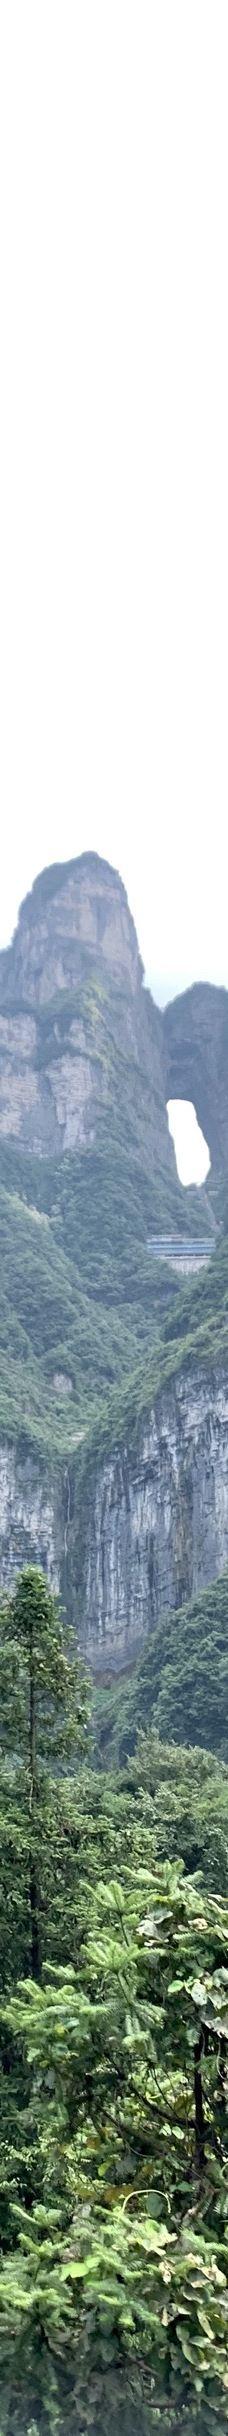 天子山索道-张家界